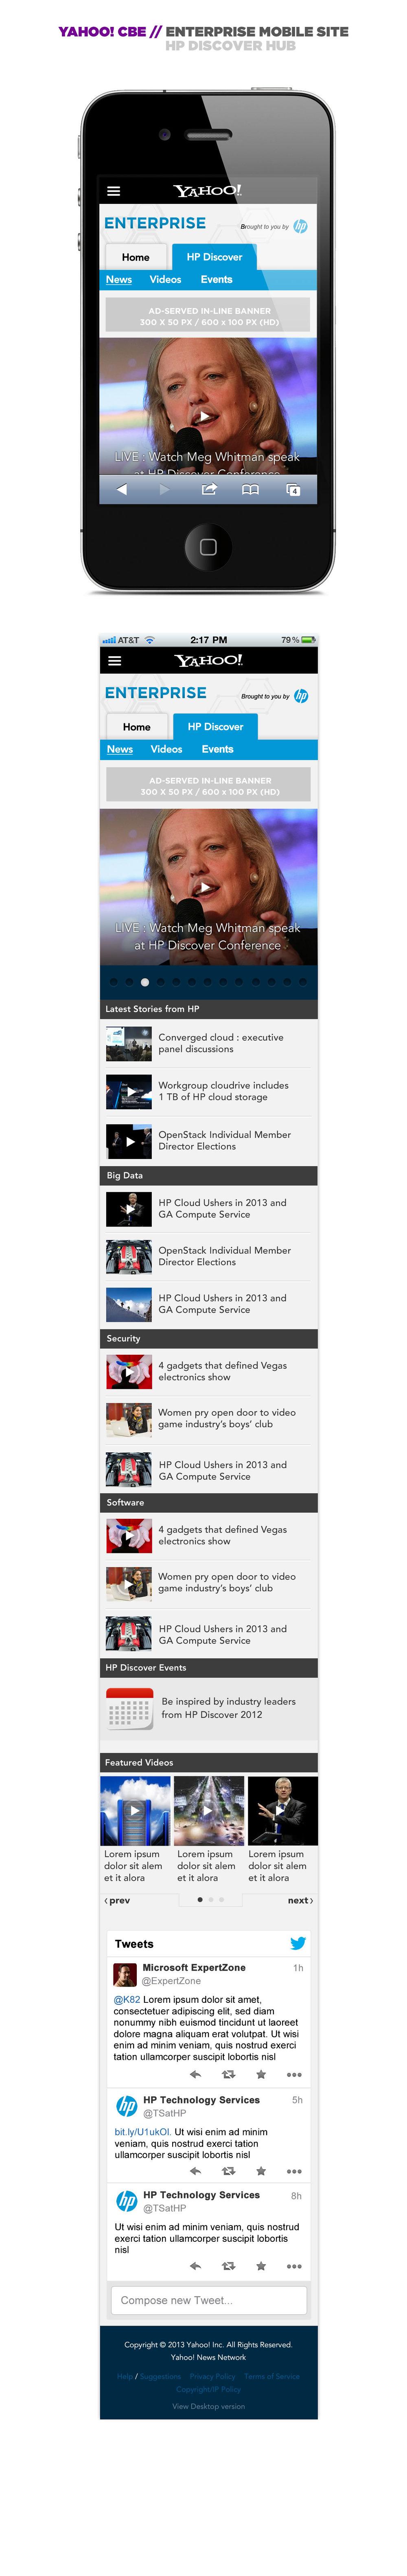 Enterprise_Mobile_hpdiscover-hub.jpg